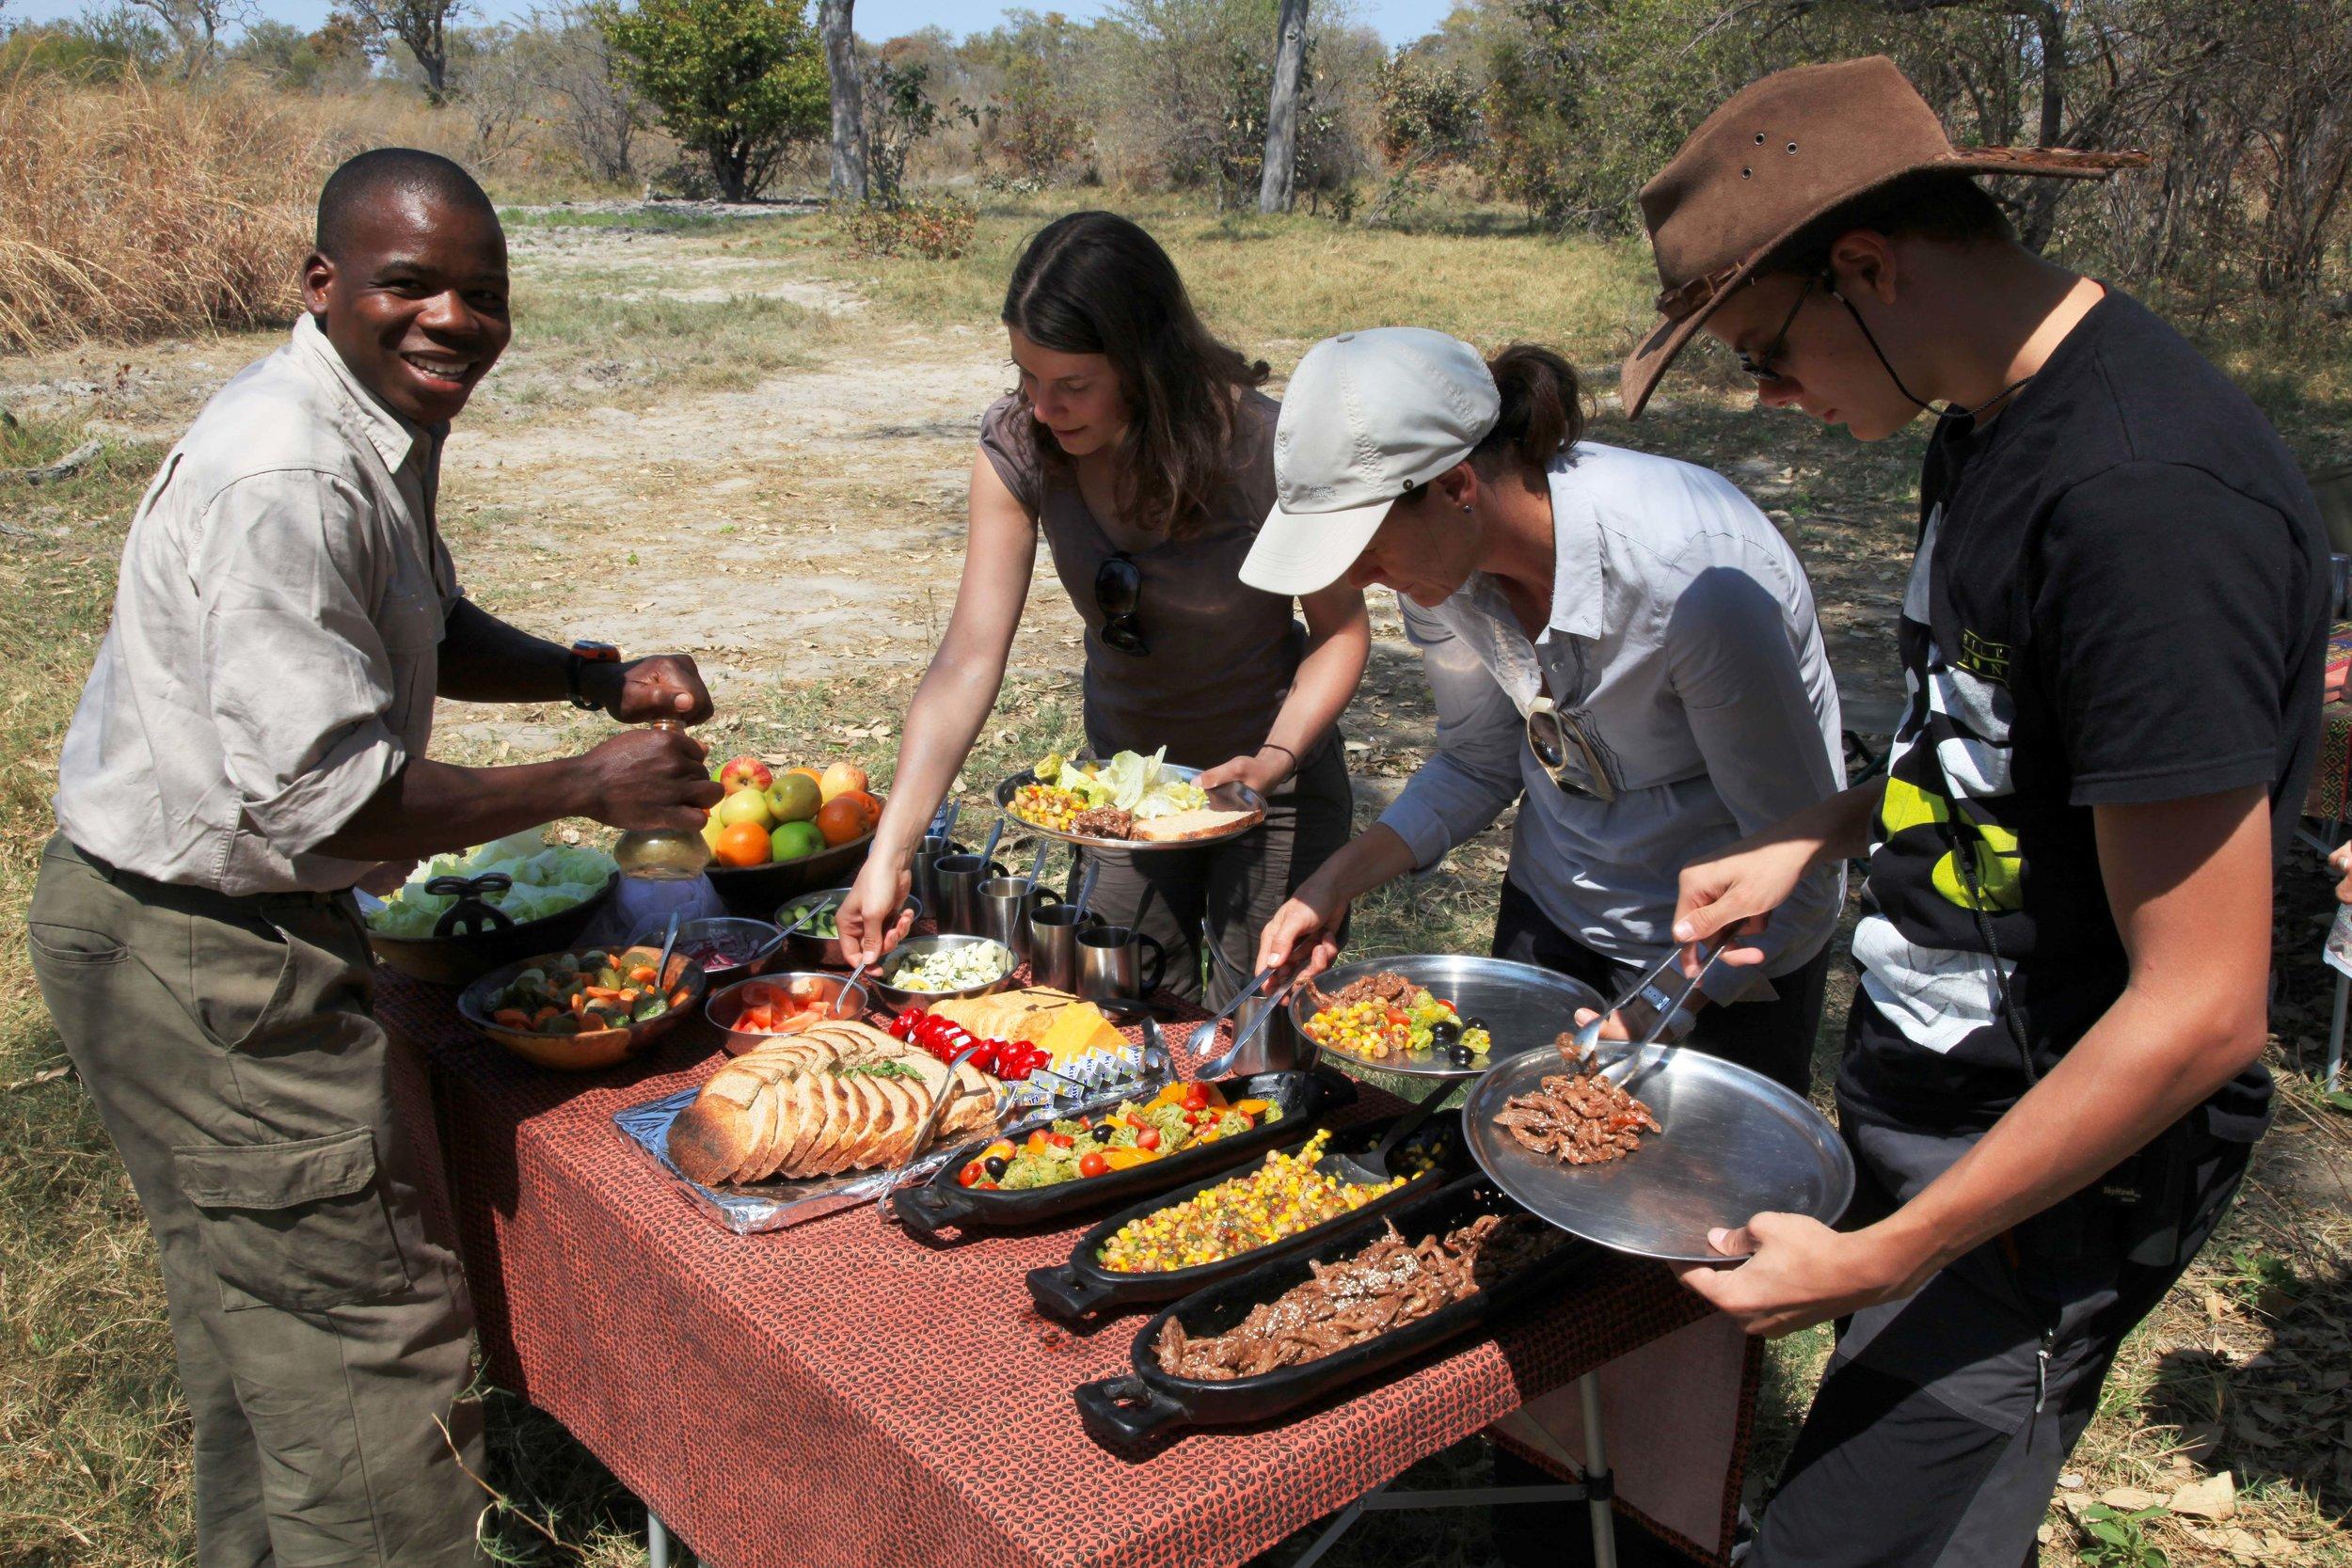 selindaadventuretrail-food-dining-greatplainsconservation-5.jpg